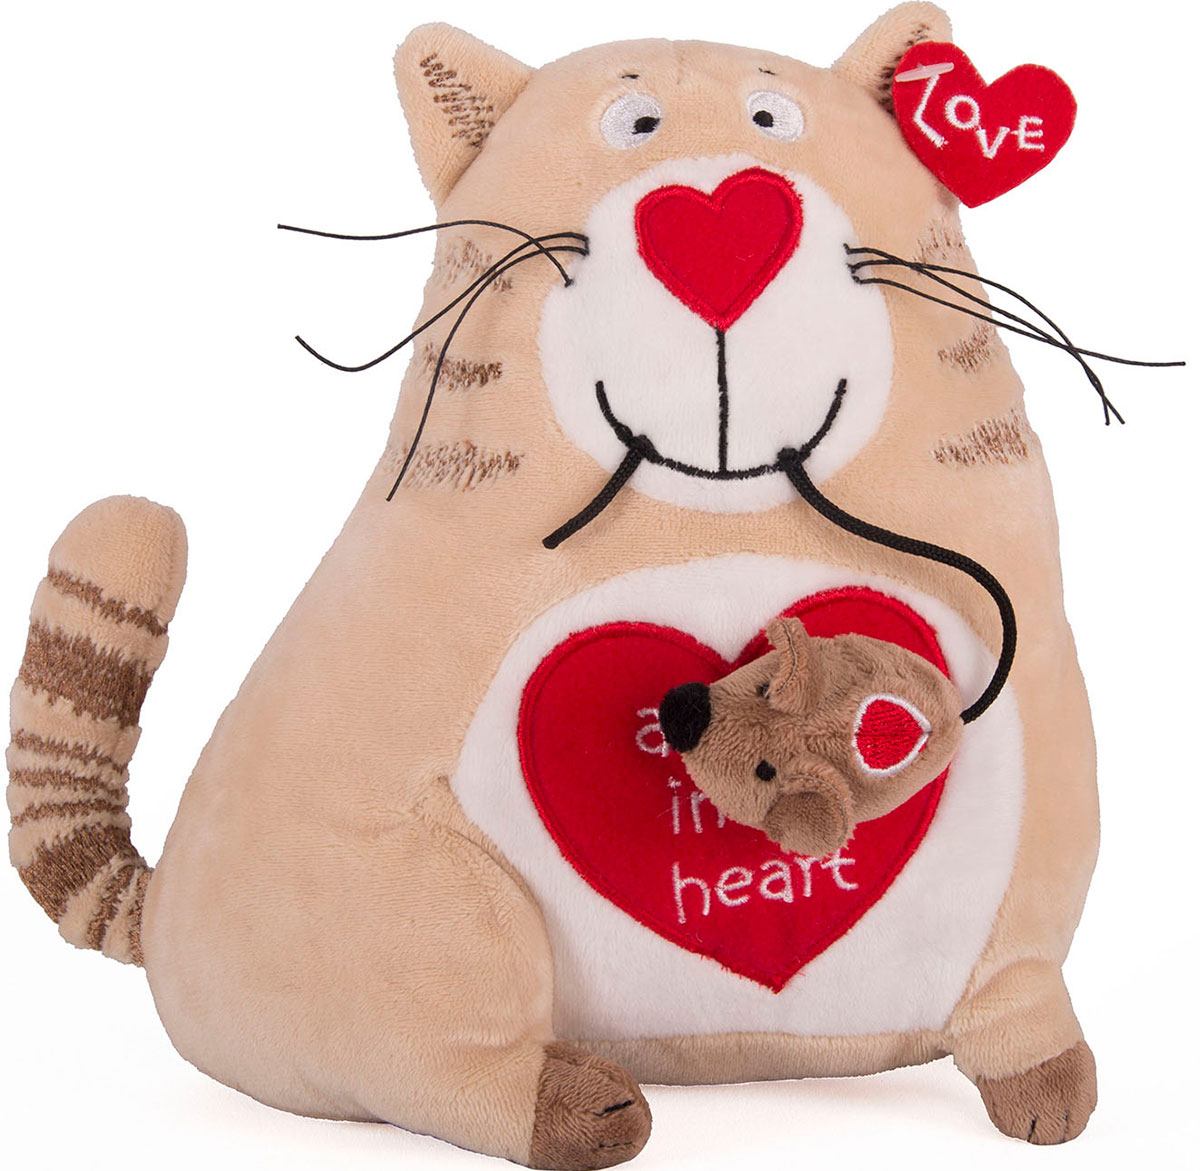 Gulliver Мягкая игрушка Кот и мышь Любовь с первого взгляда 20 см gulliver gulliver мягкая игрушка собака пупс 29 см